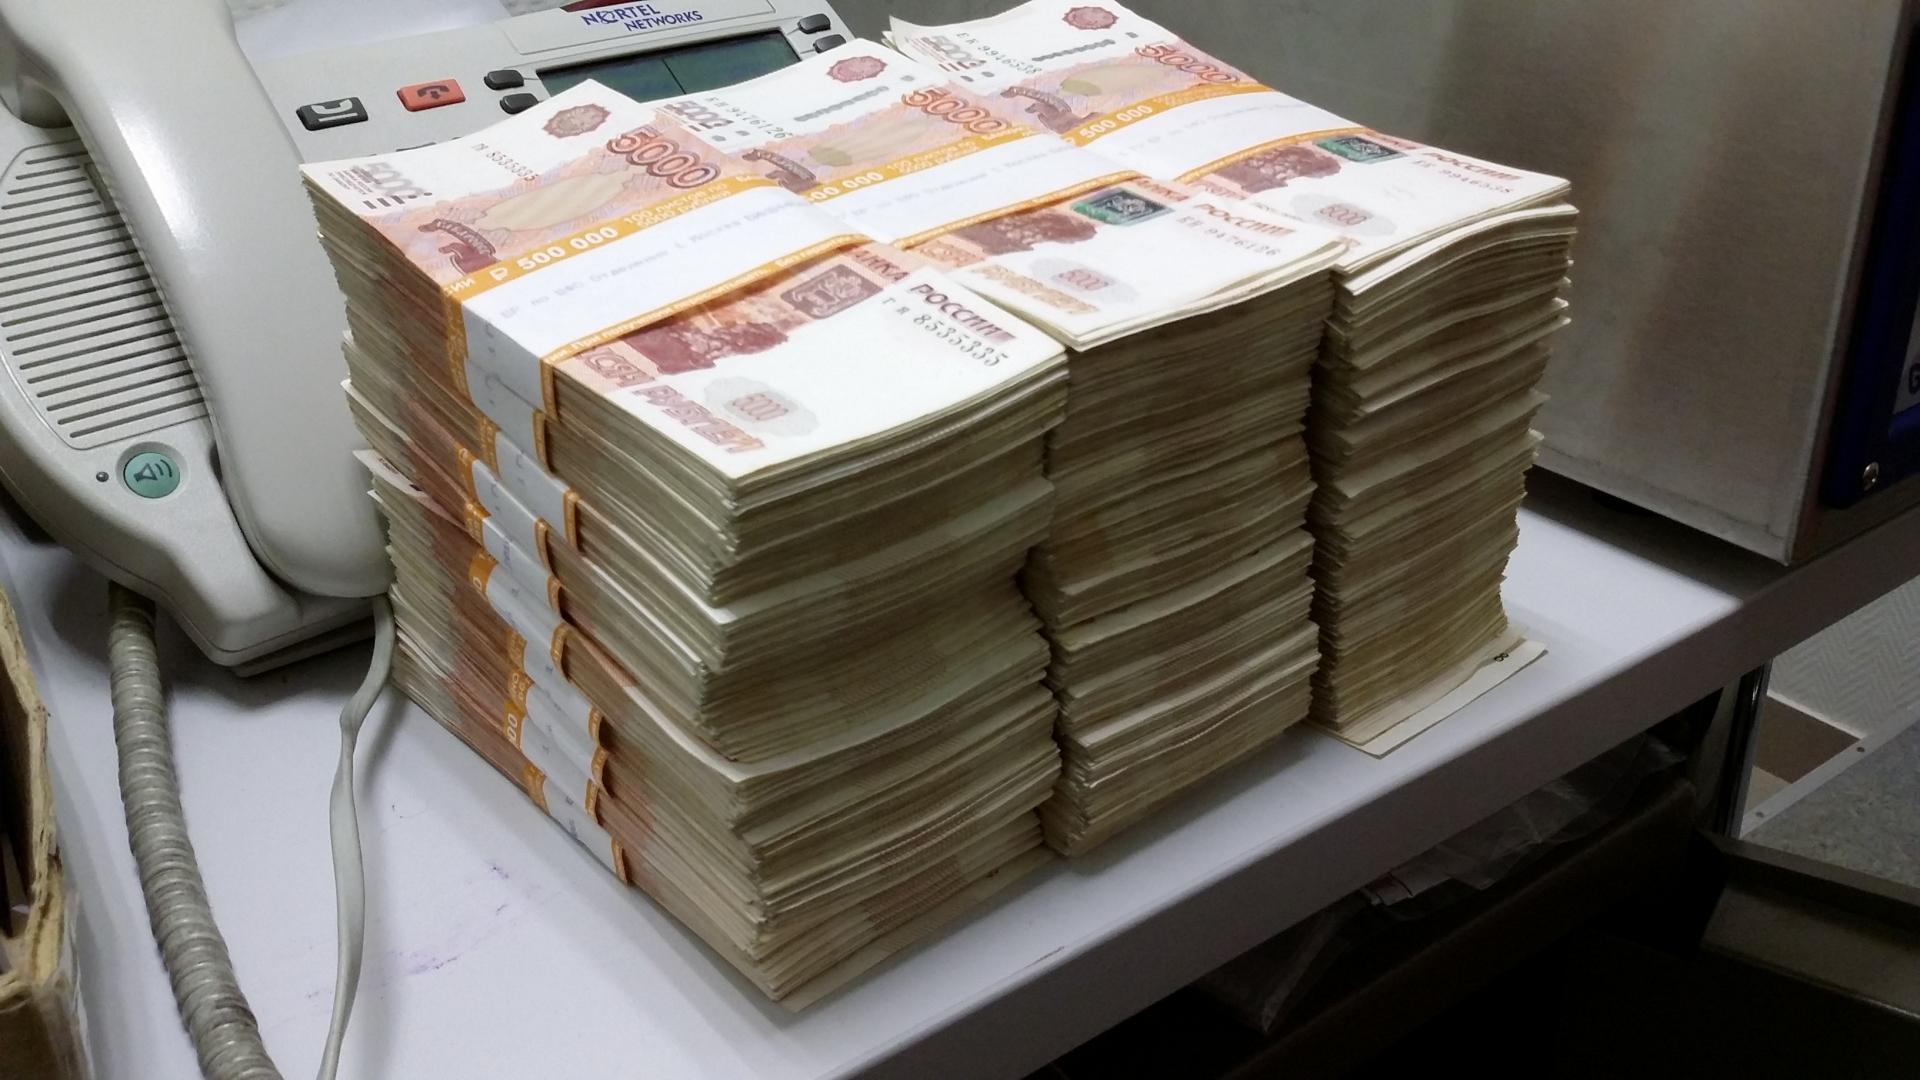 высоких прочностных пачка денег фото рубли более, что сейчас